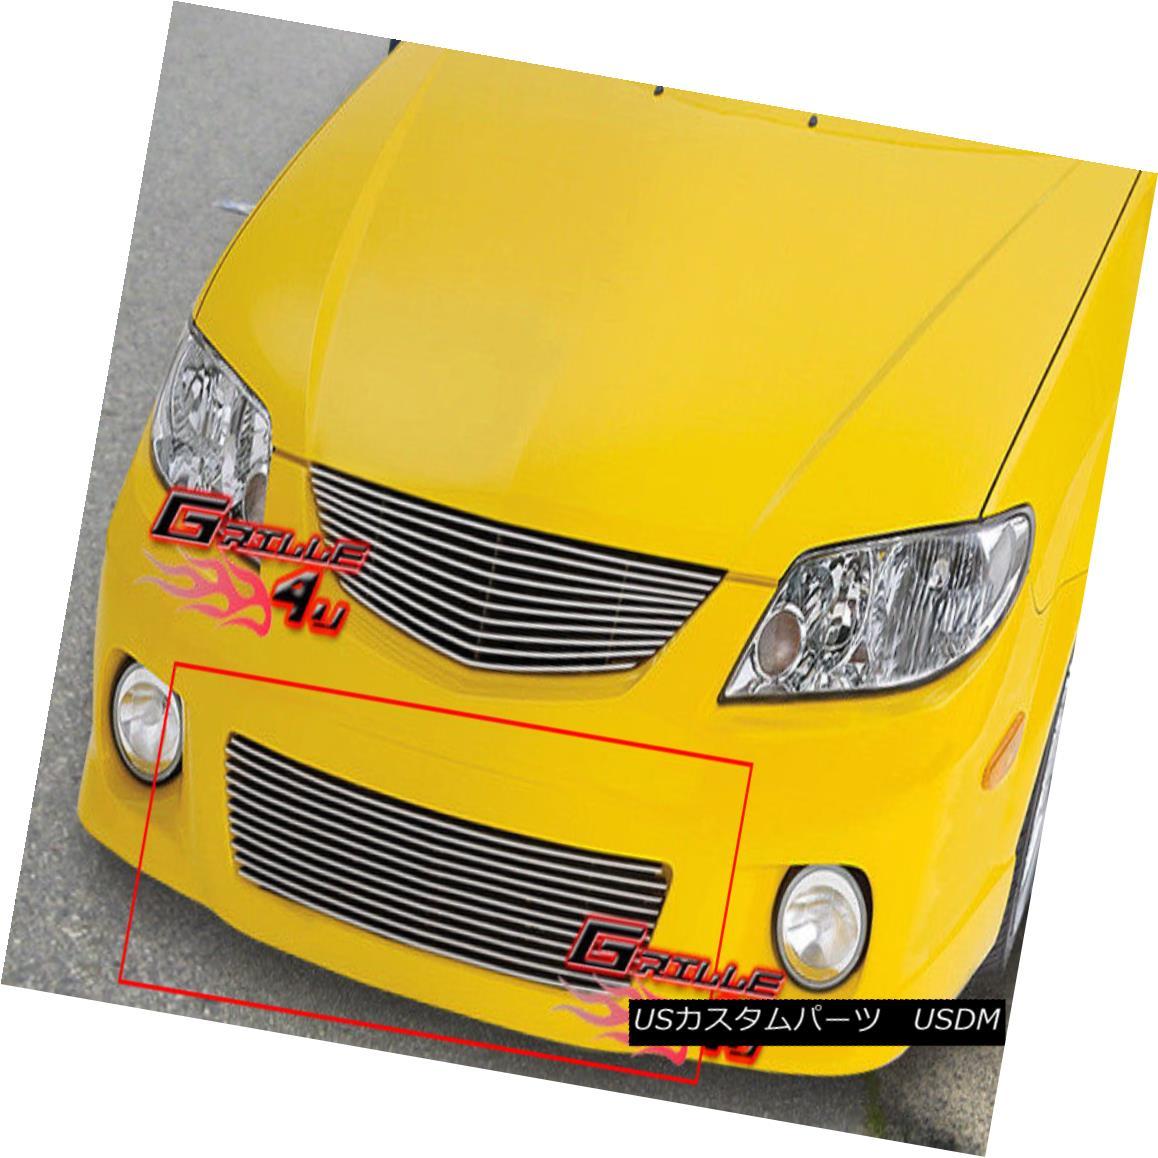 グリル Fits 2002-2004 Mazda Protege Lower Bumper Billet Grille Insert フィット2002-2004マツダプロテッジロワーバンパービレットグリルインサート